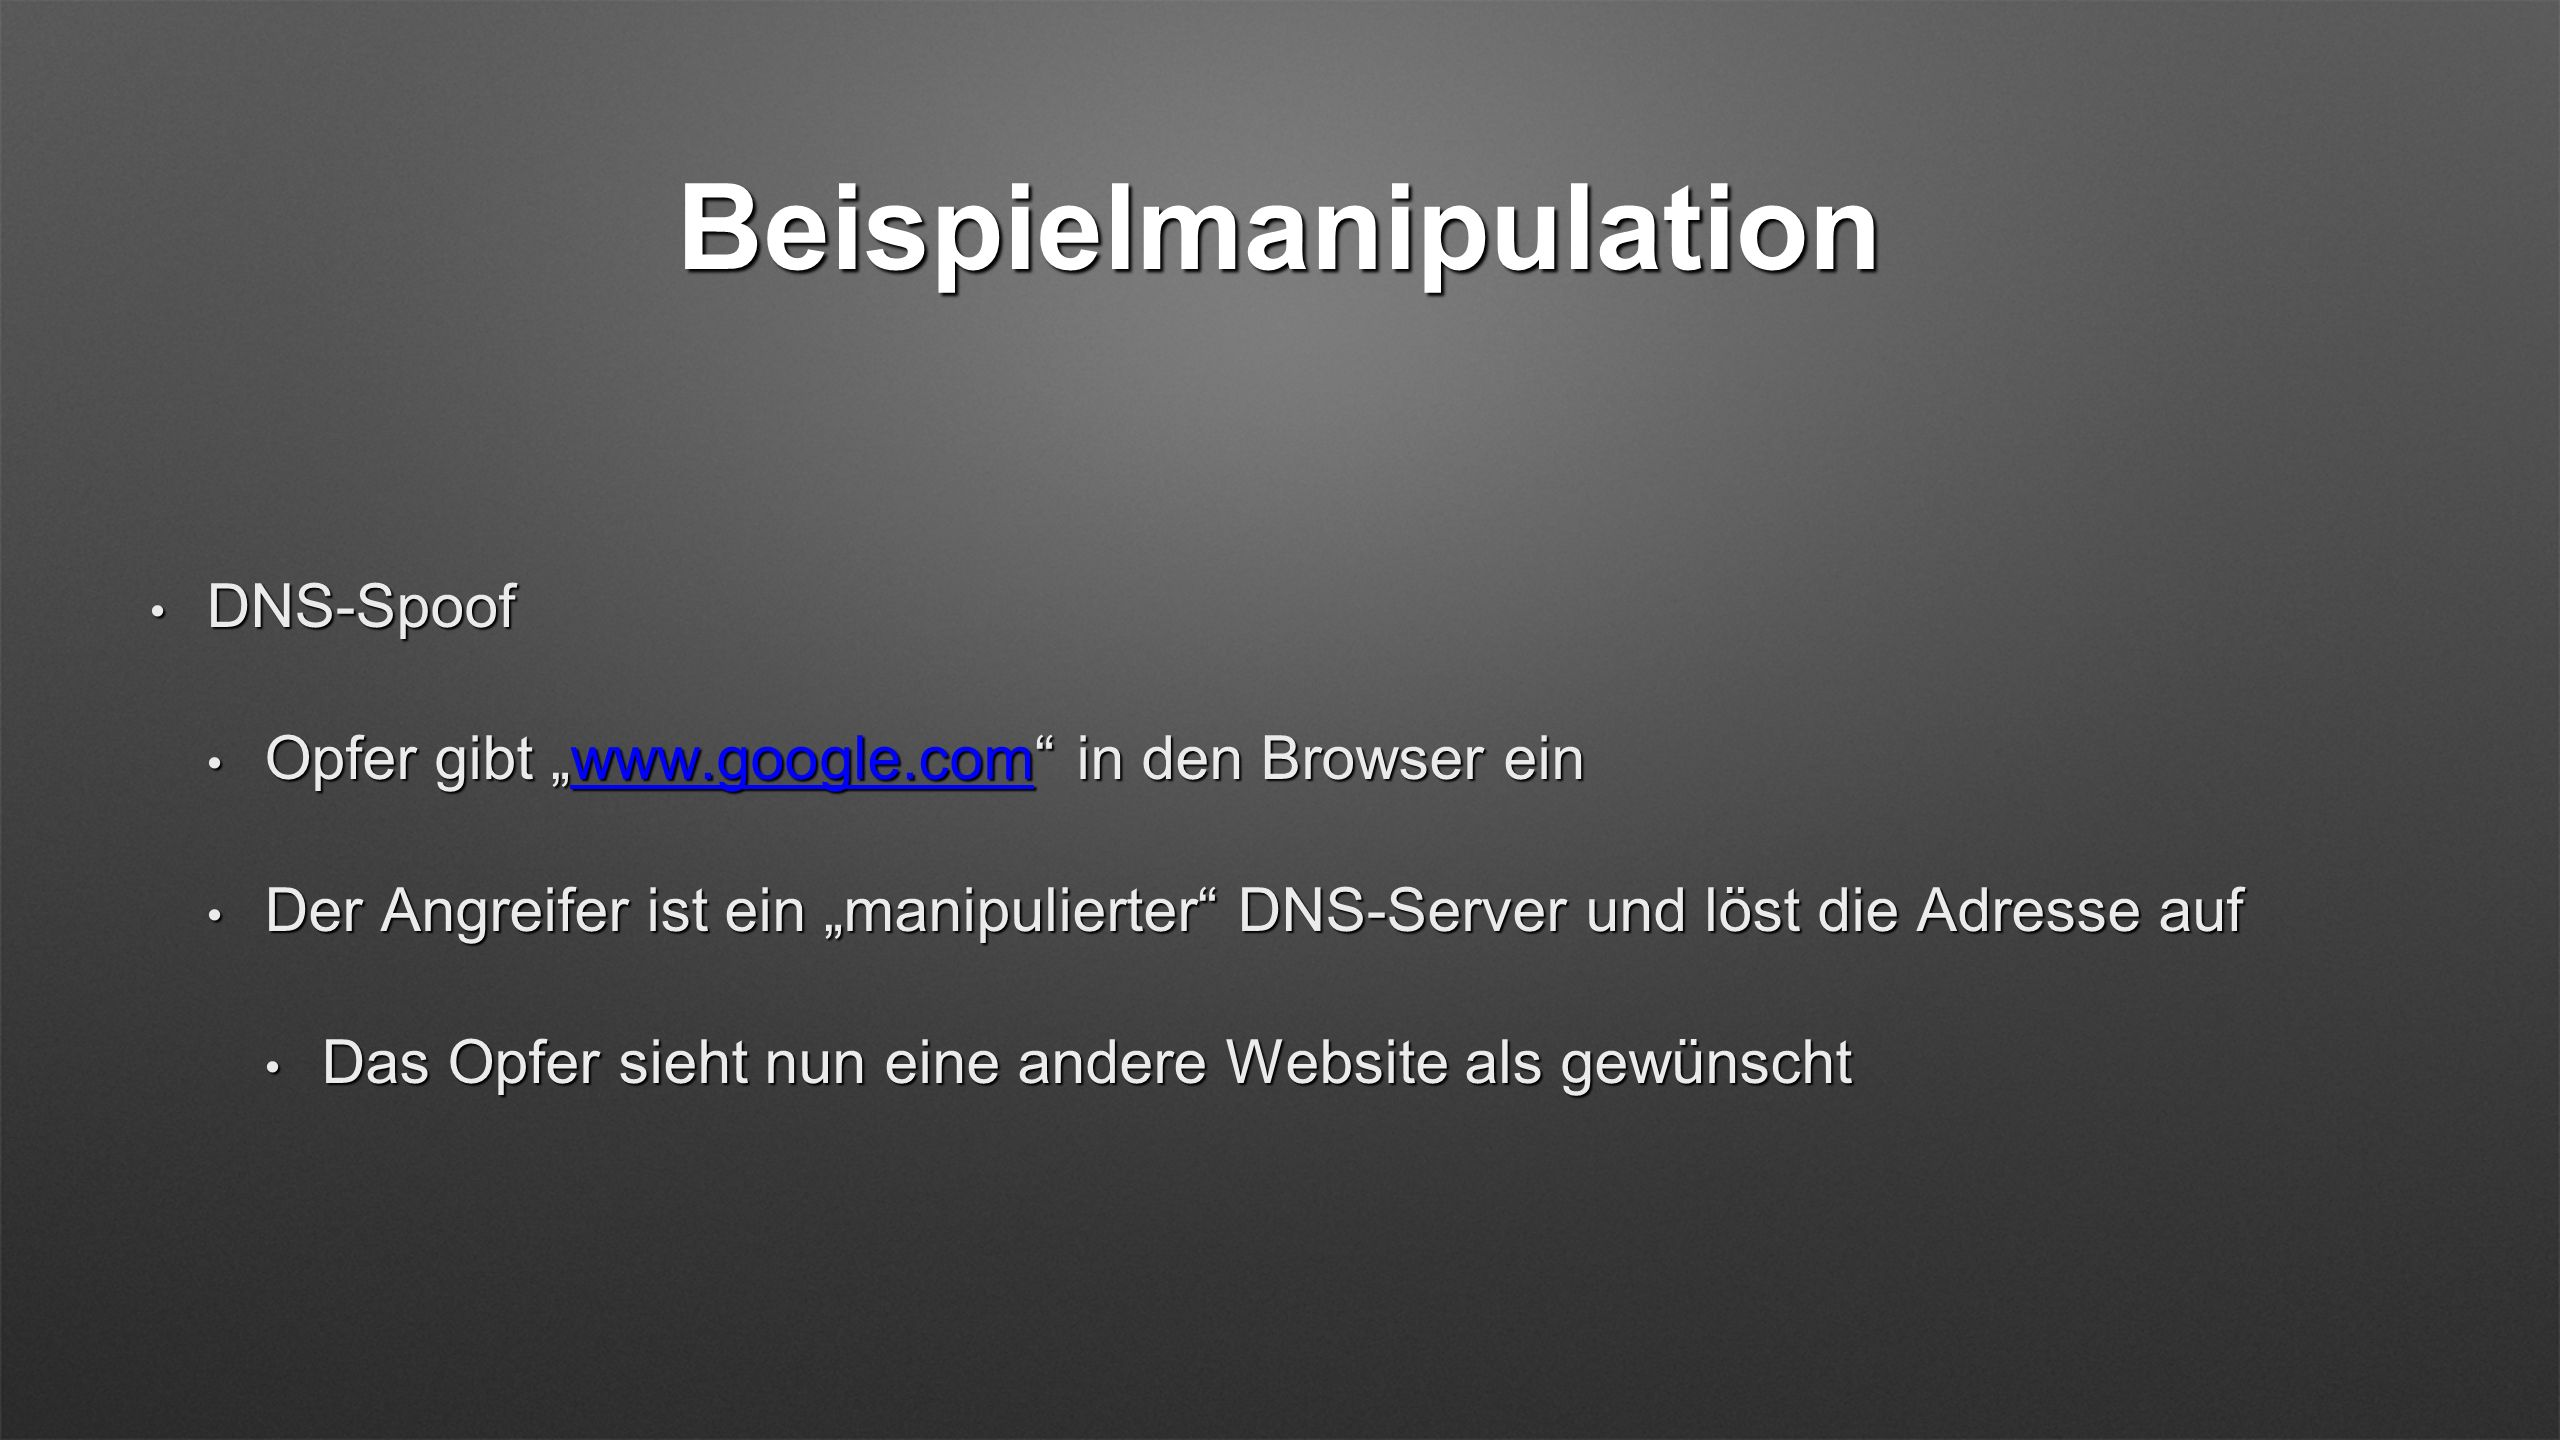 Beispielmanipulation DNS-Spoof DNS-Spoof Opfer gibt www.google.com in den Browser ein Opfer gibt www.google.com in den Browser einwww.google.com Der Angreifer ist ein manipulierter DNS-Server und löst die Adresse auf Der Angreifer ist ein manipulierter DNS-Server und löst die Adresse auf Das Opfer sieht nun eine andere Website als gewünscht Das Opfer sieht nun eine andere Website als gewünscht